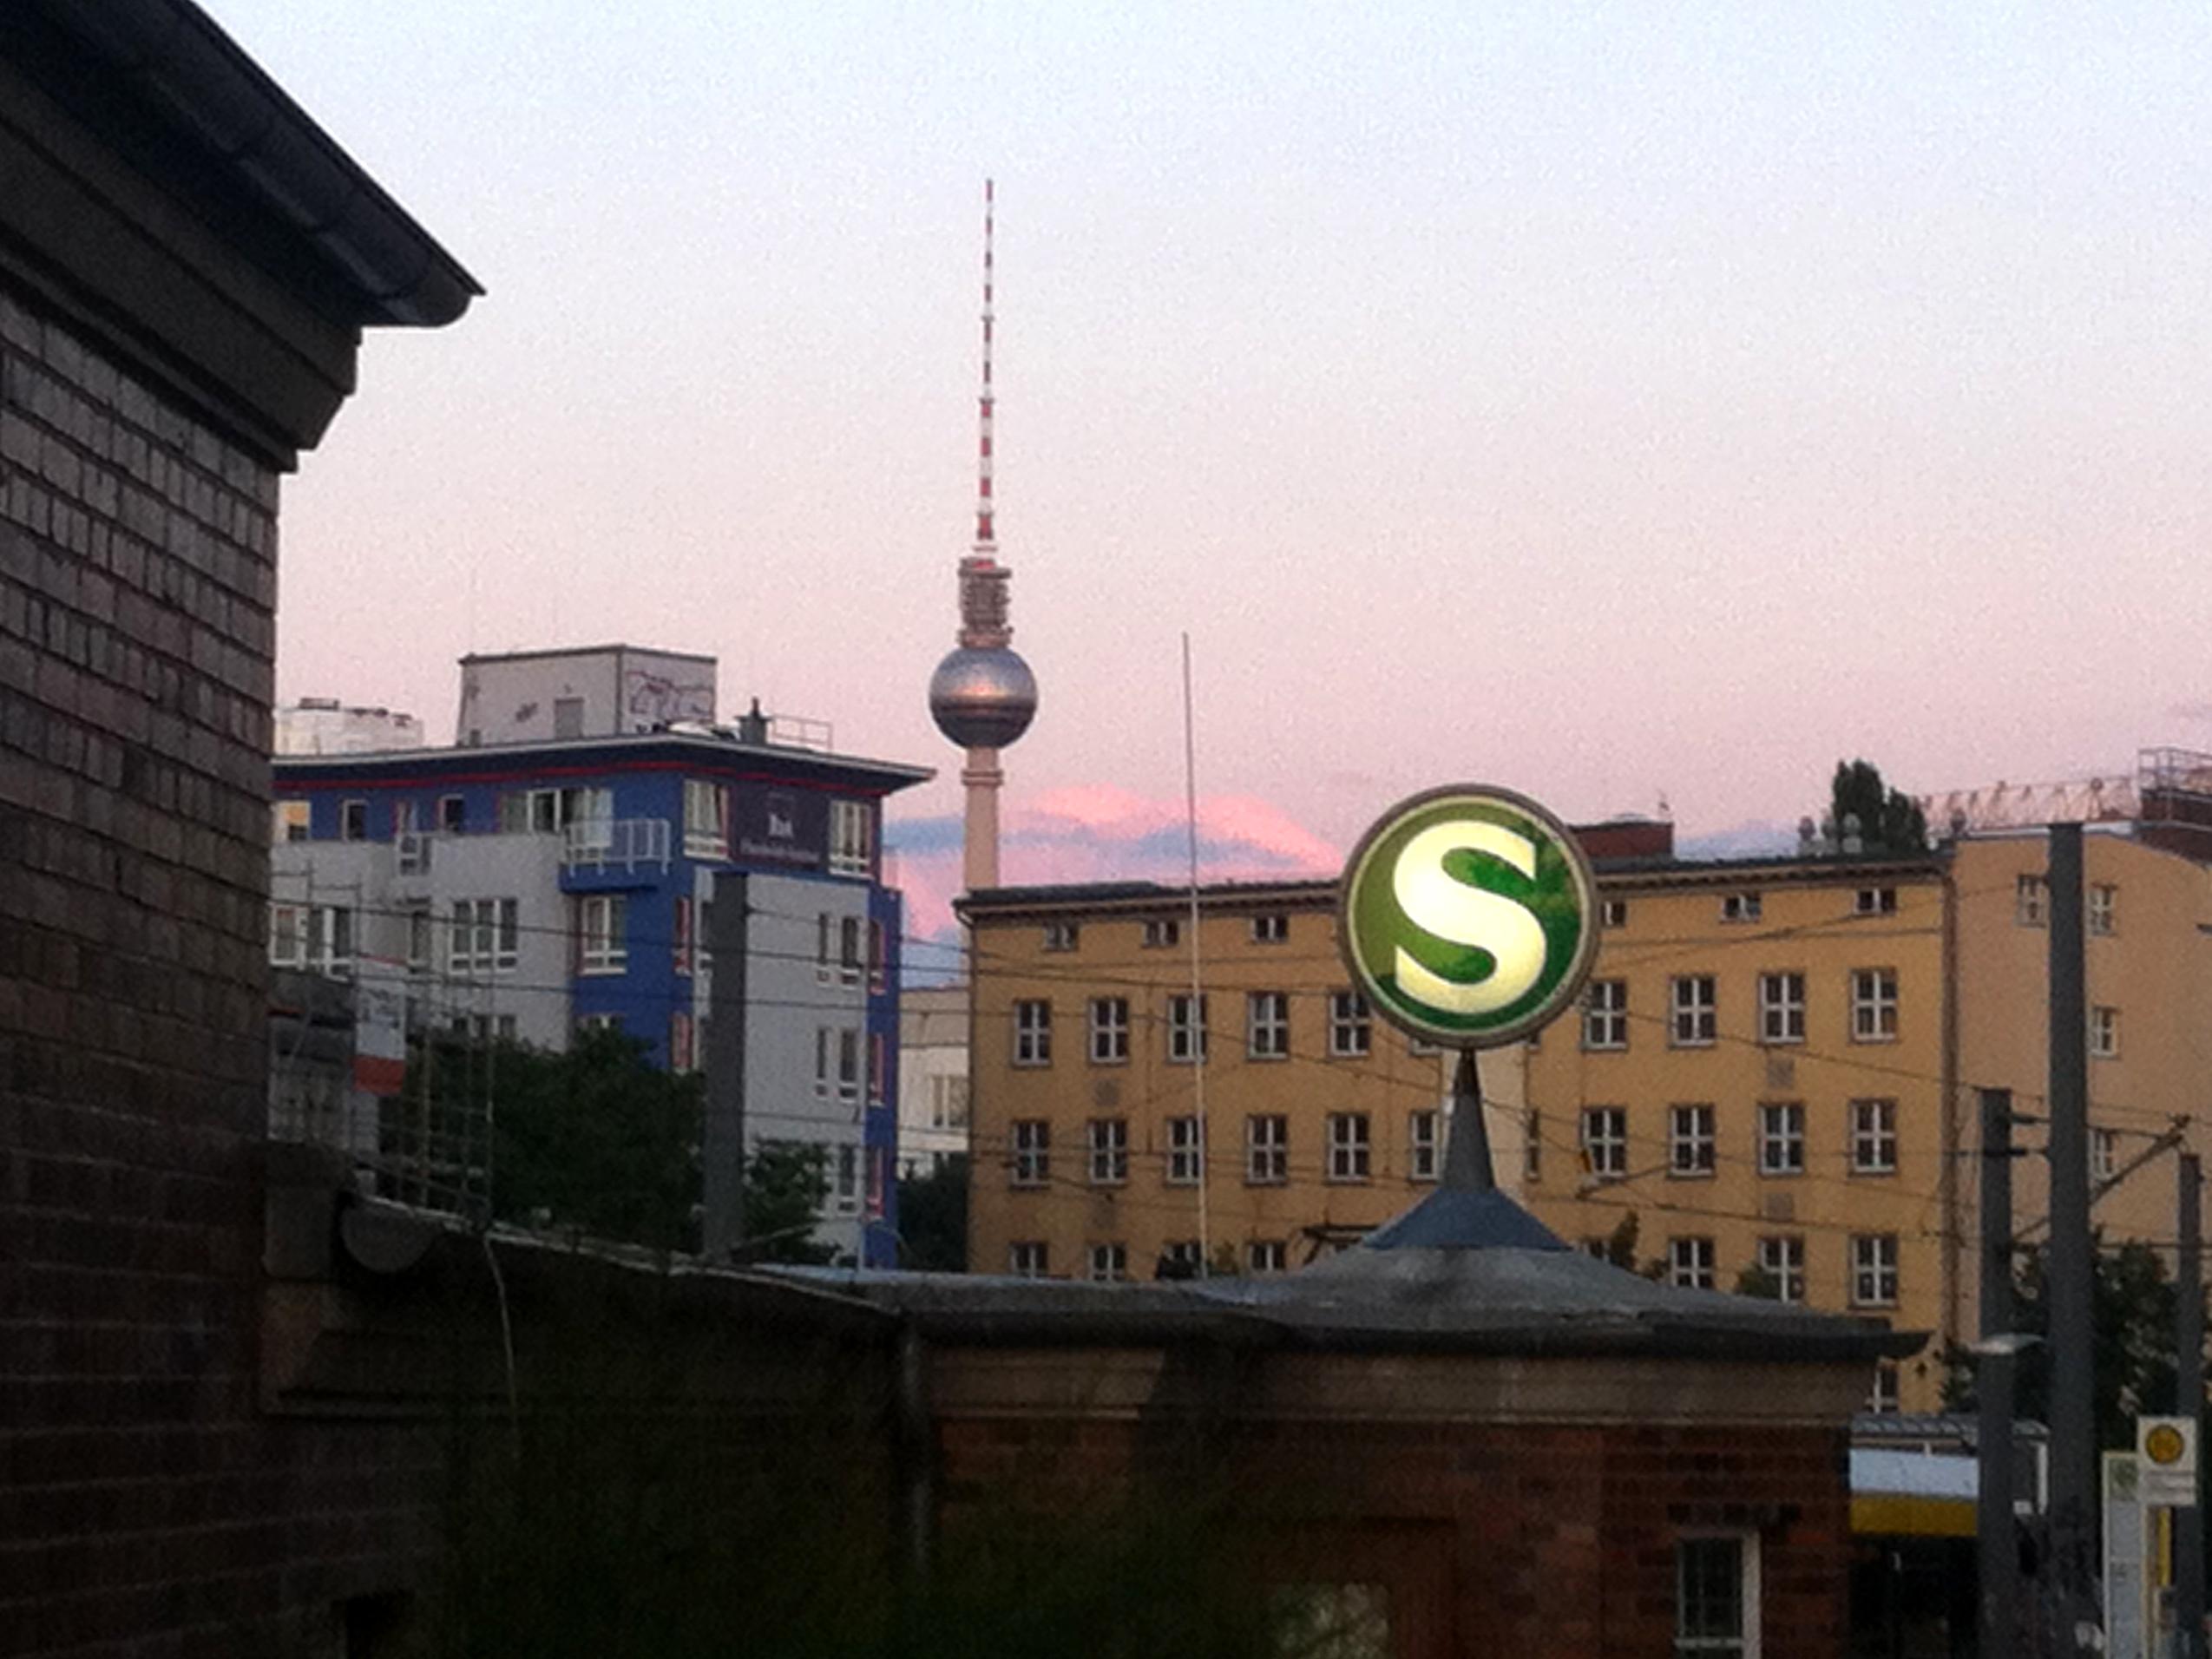 berlin s bahn on strike this weekend nuberlin. Black Bedroom Furniture Sets. Home Design Ideas